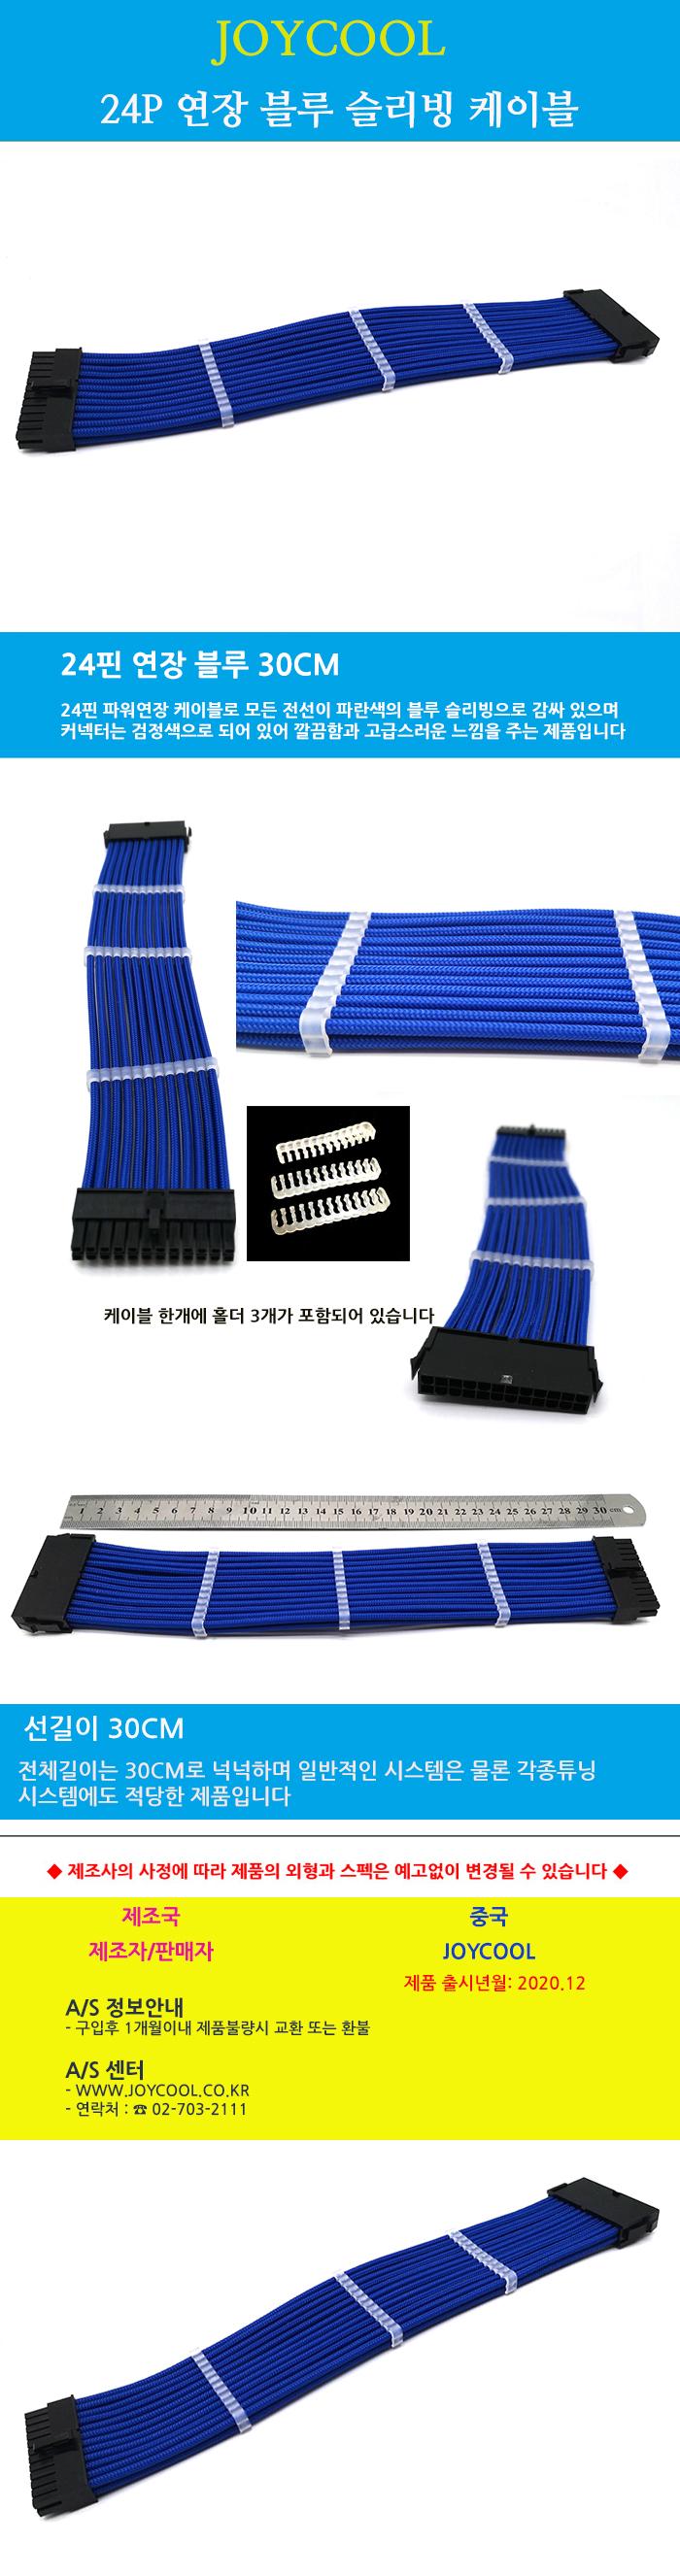 조이쿨 조이쿨 24핀 연장 슬리빙 케이블 (블루, 0.3m)